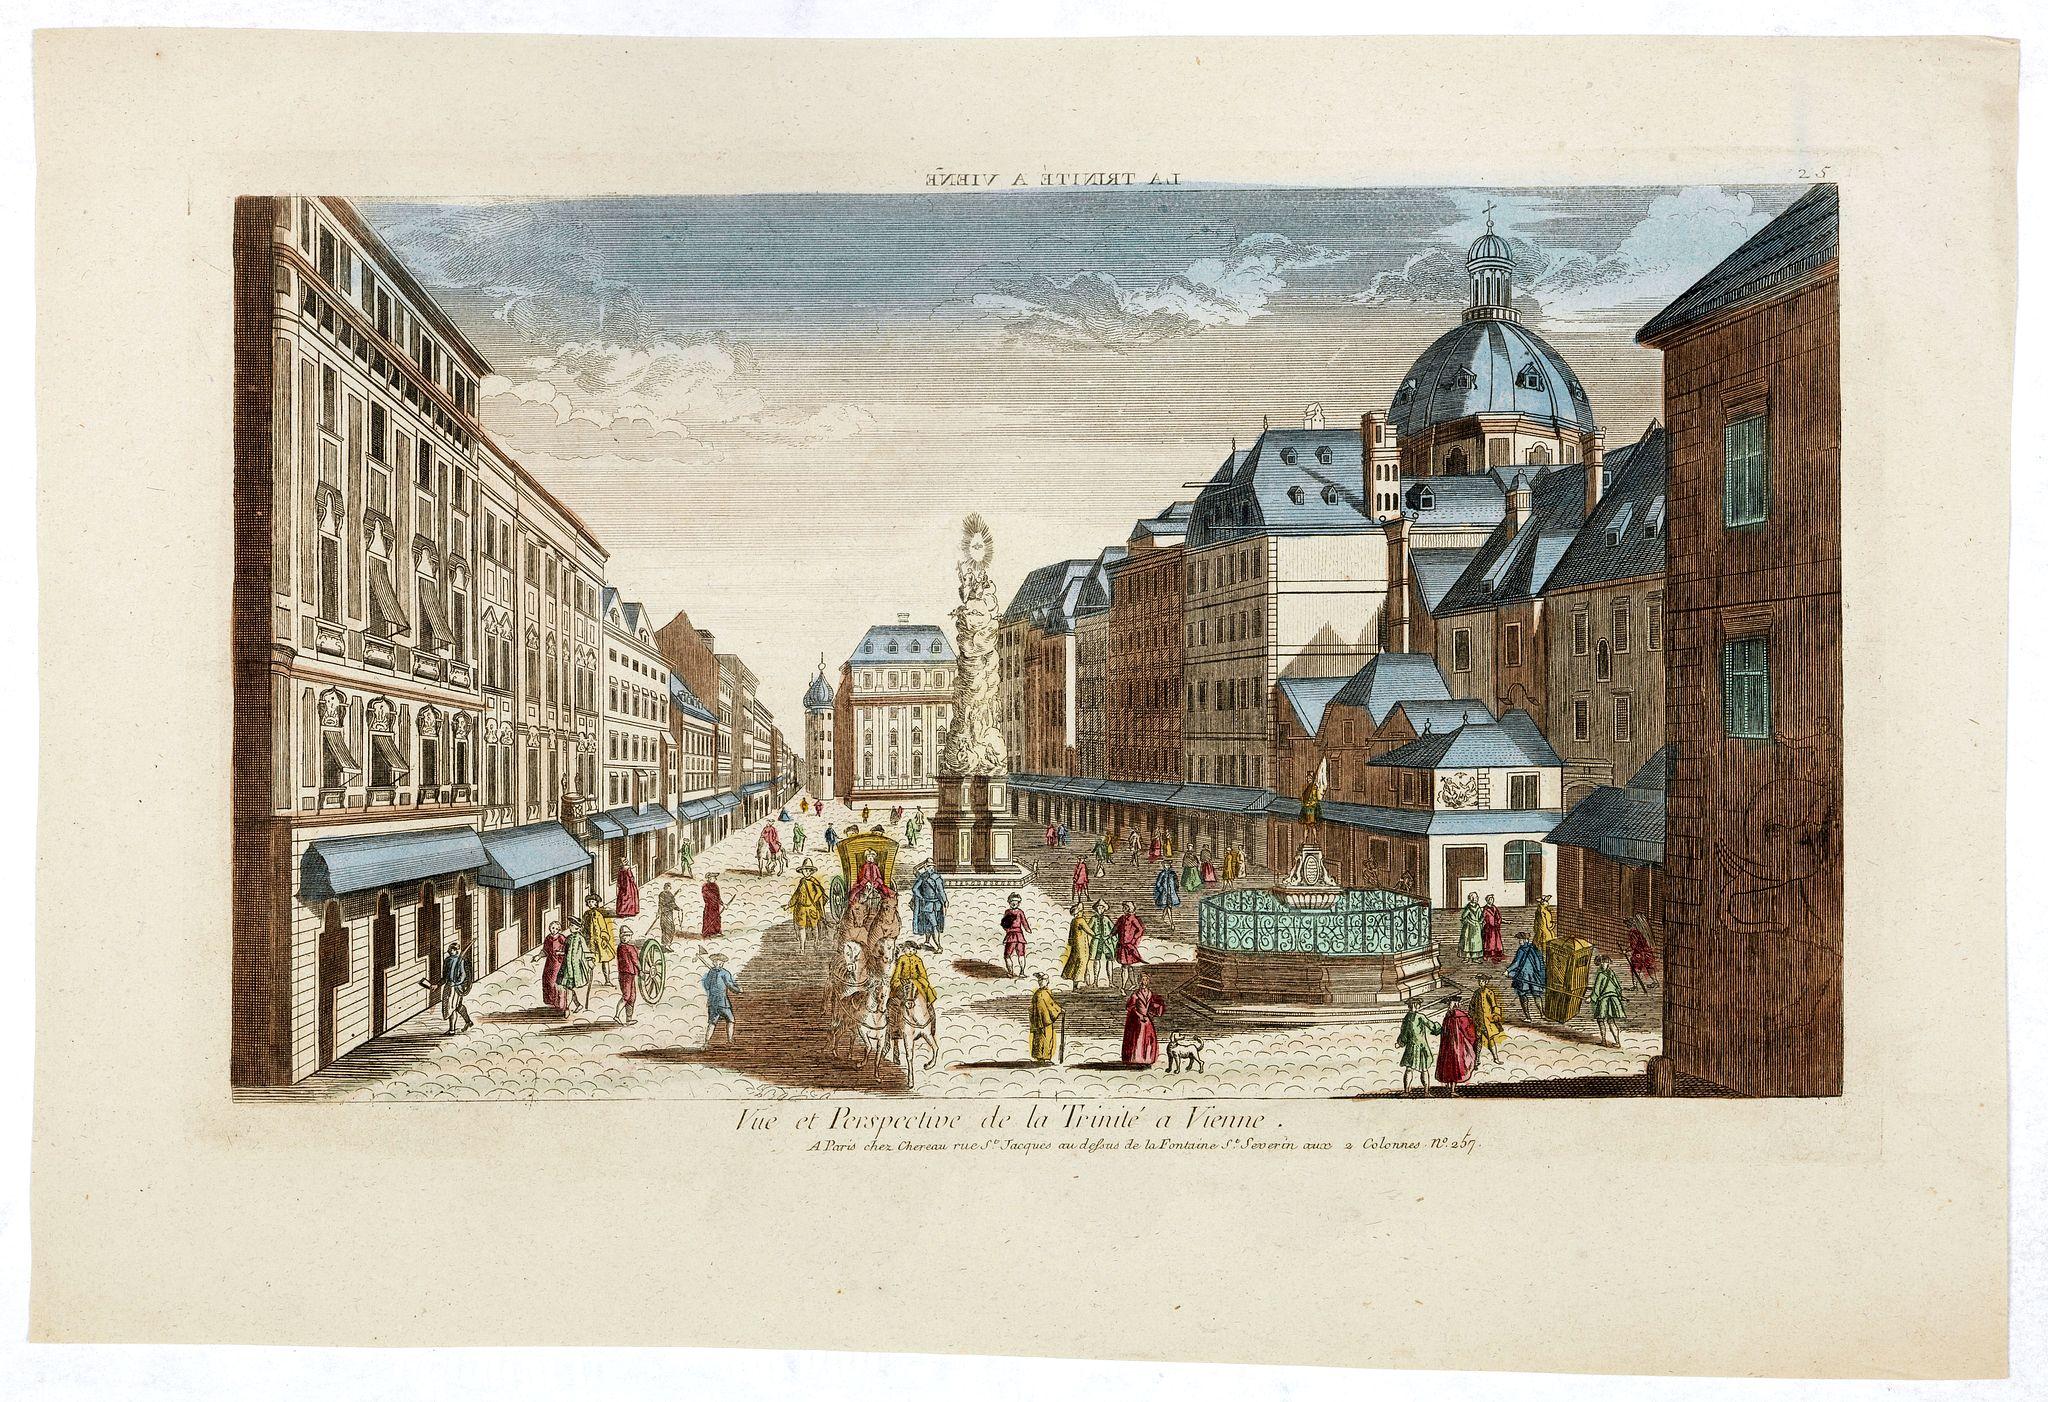 CHEREAU, J.F. -  Vue et Perspective de la Trinité a Vienne.